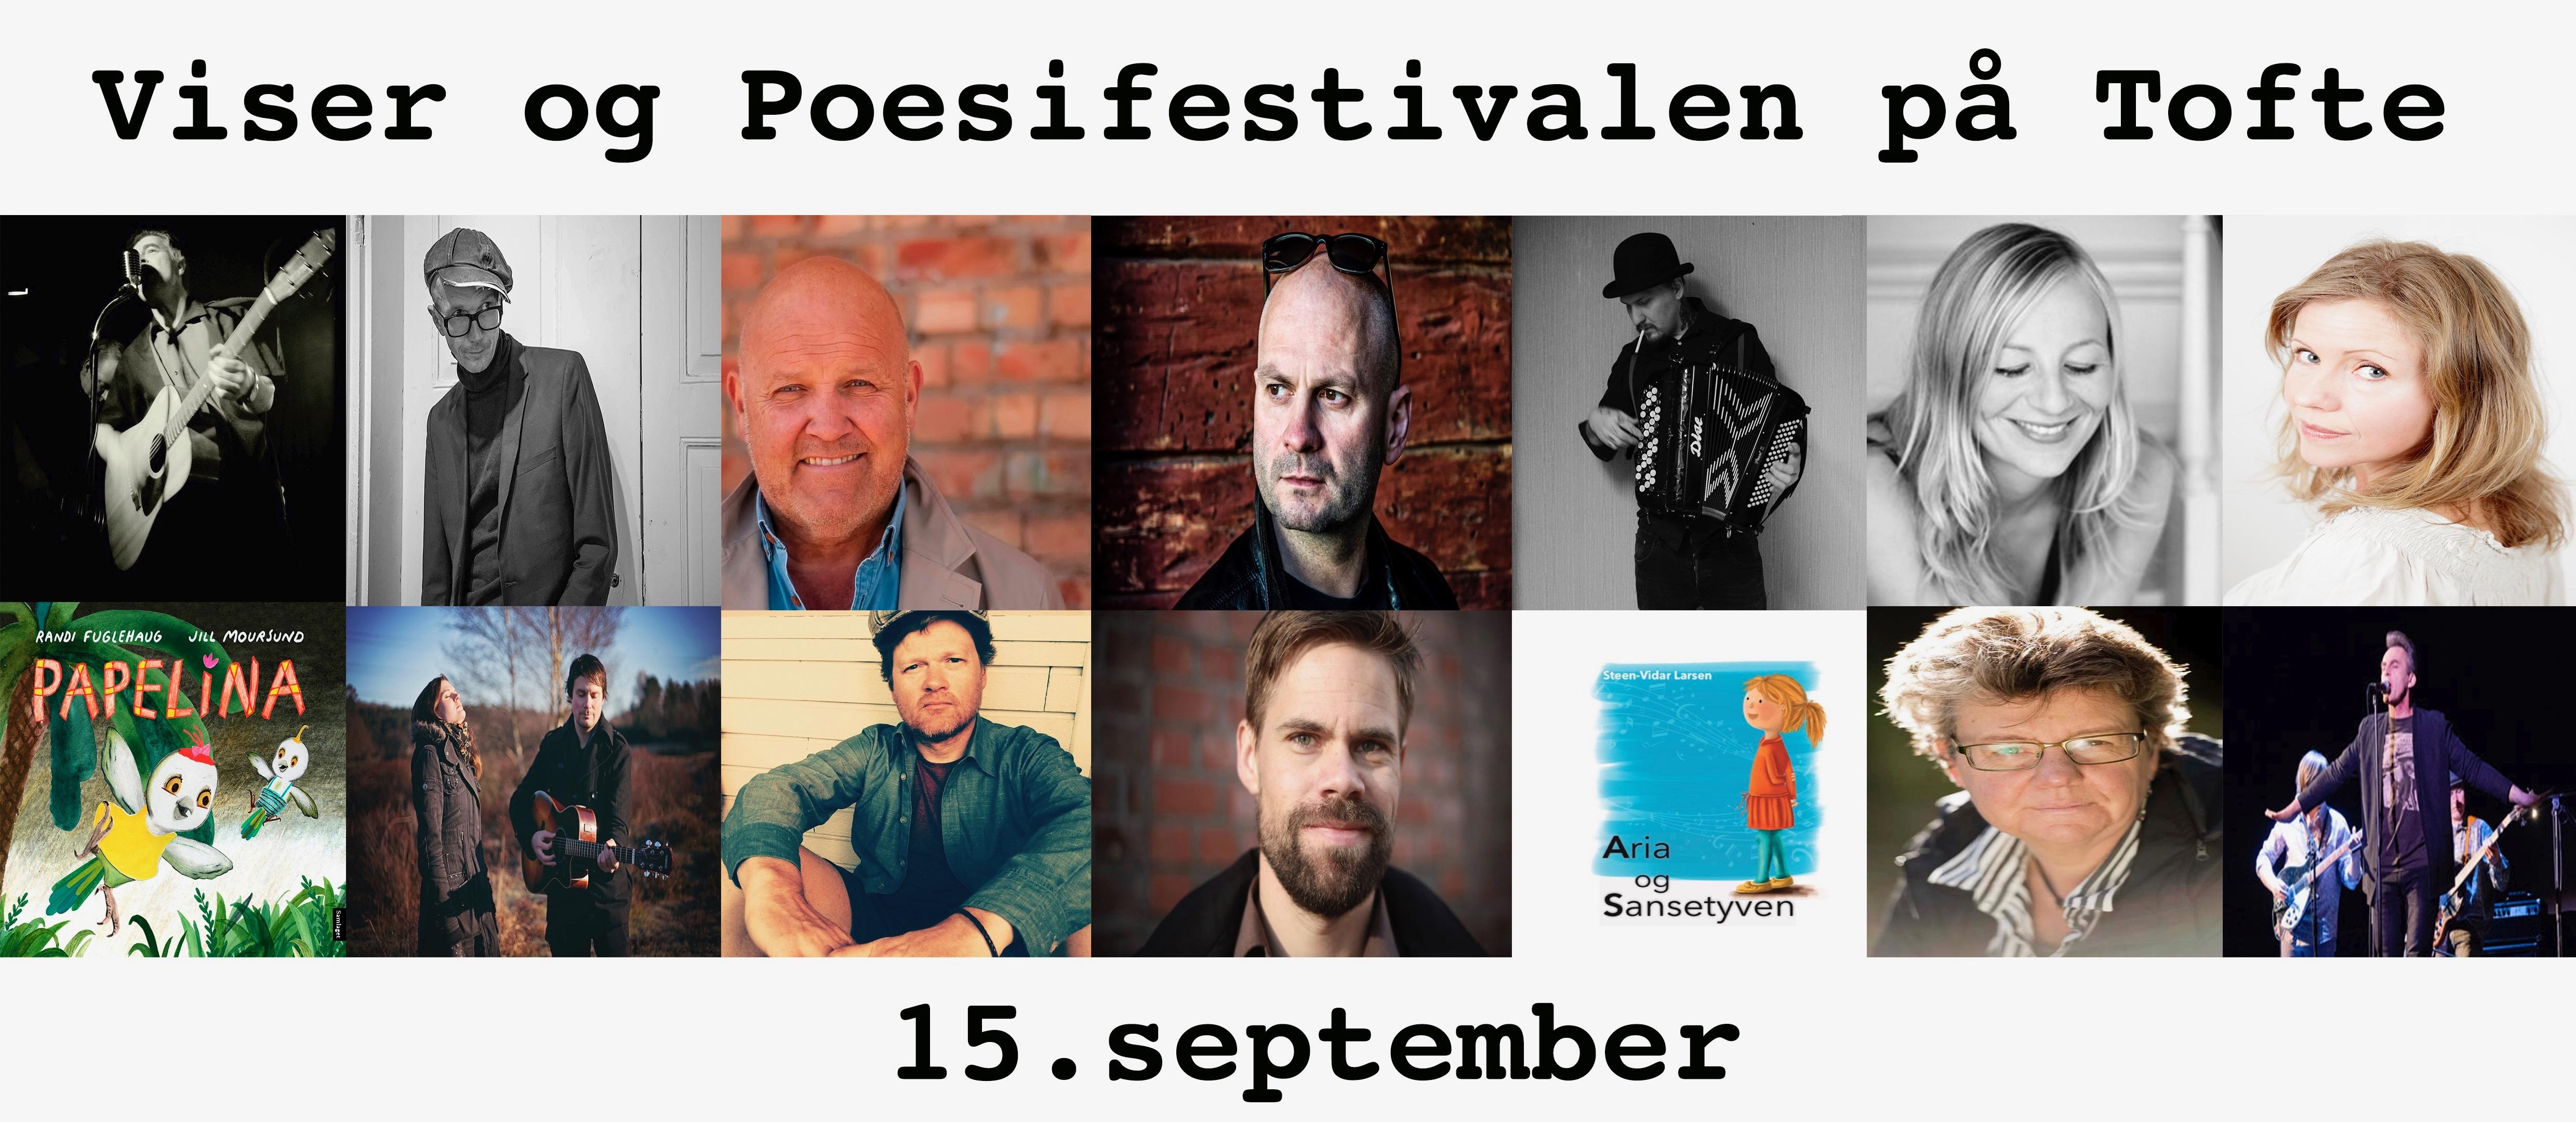 Svenske og norske artister